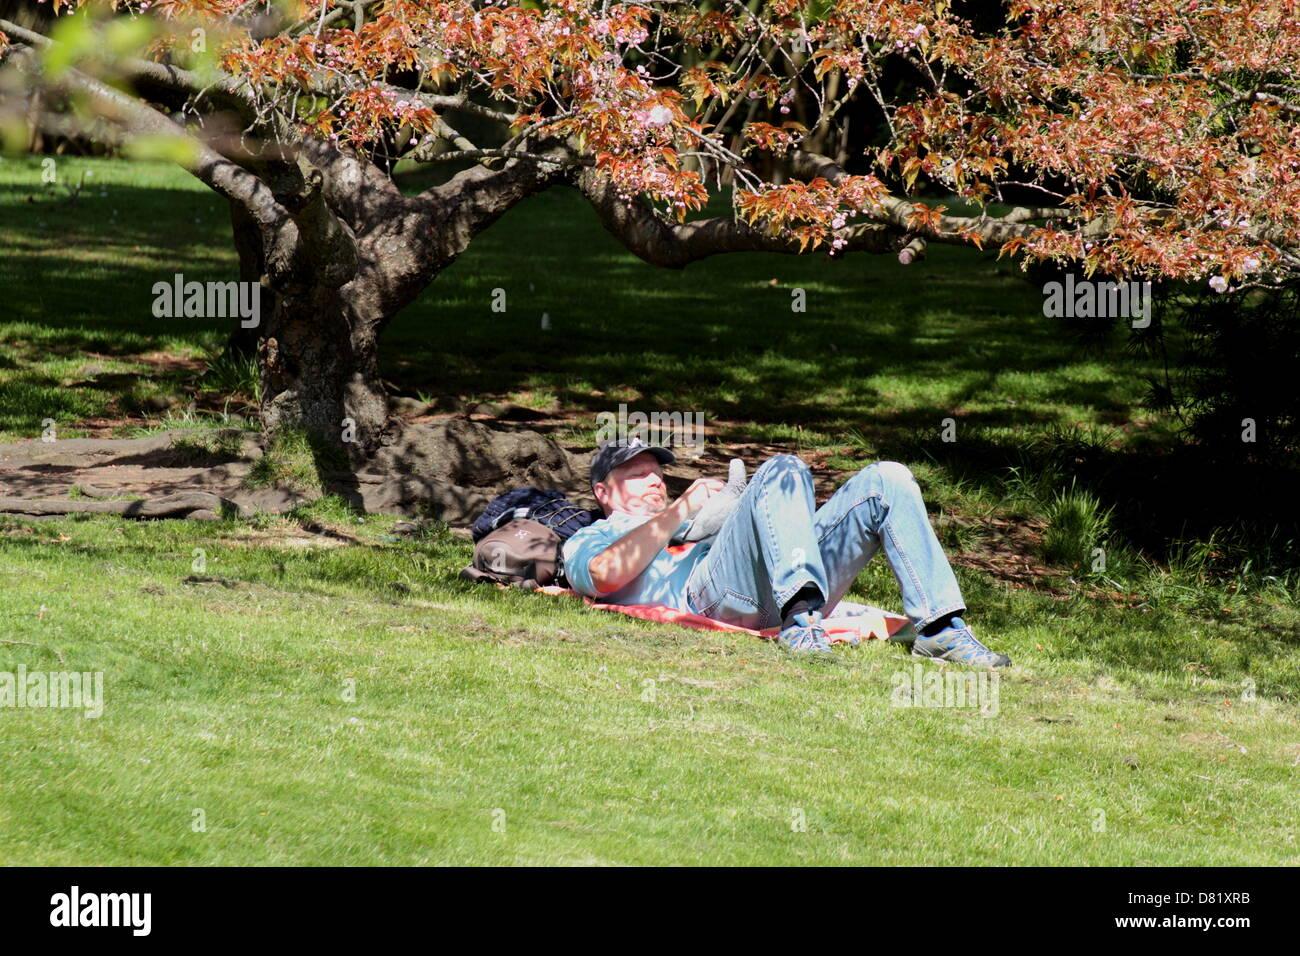 Sunbather in Glasgow, Botanic Gardens, Scotland, UK May 2013 - Stock Image